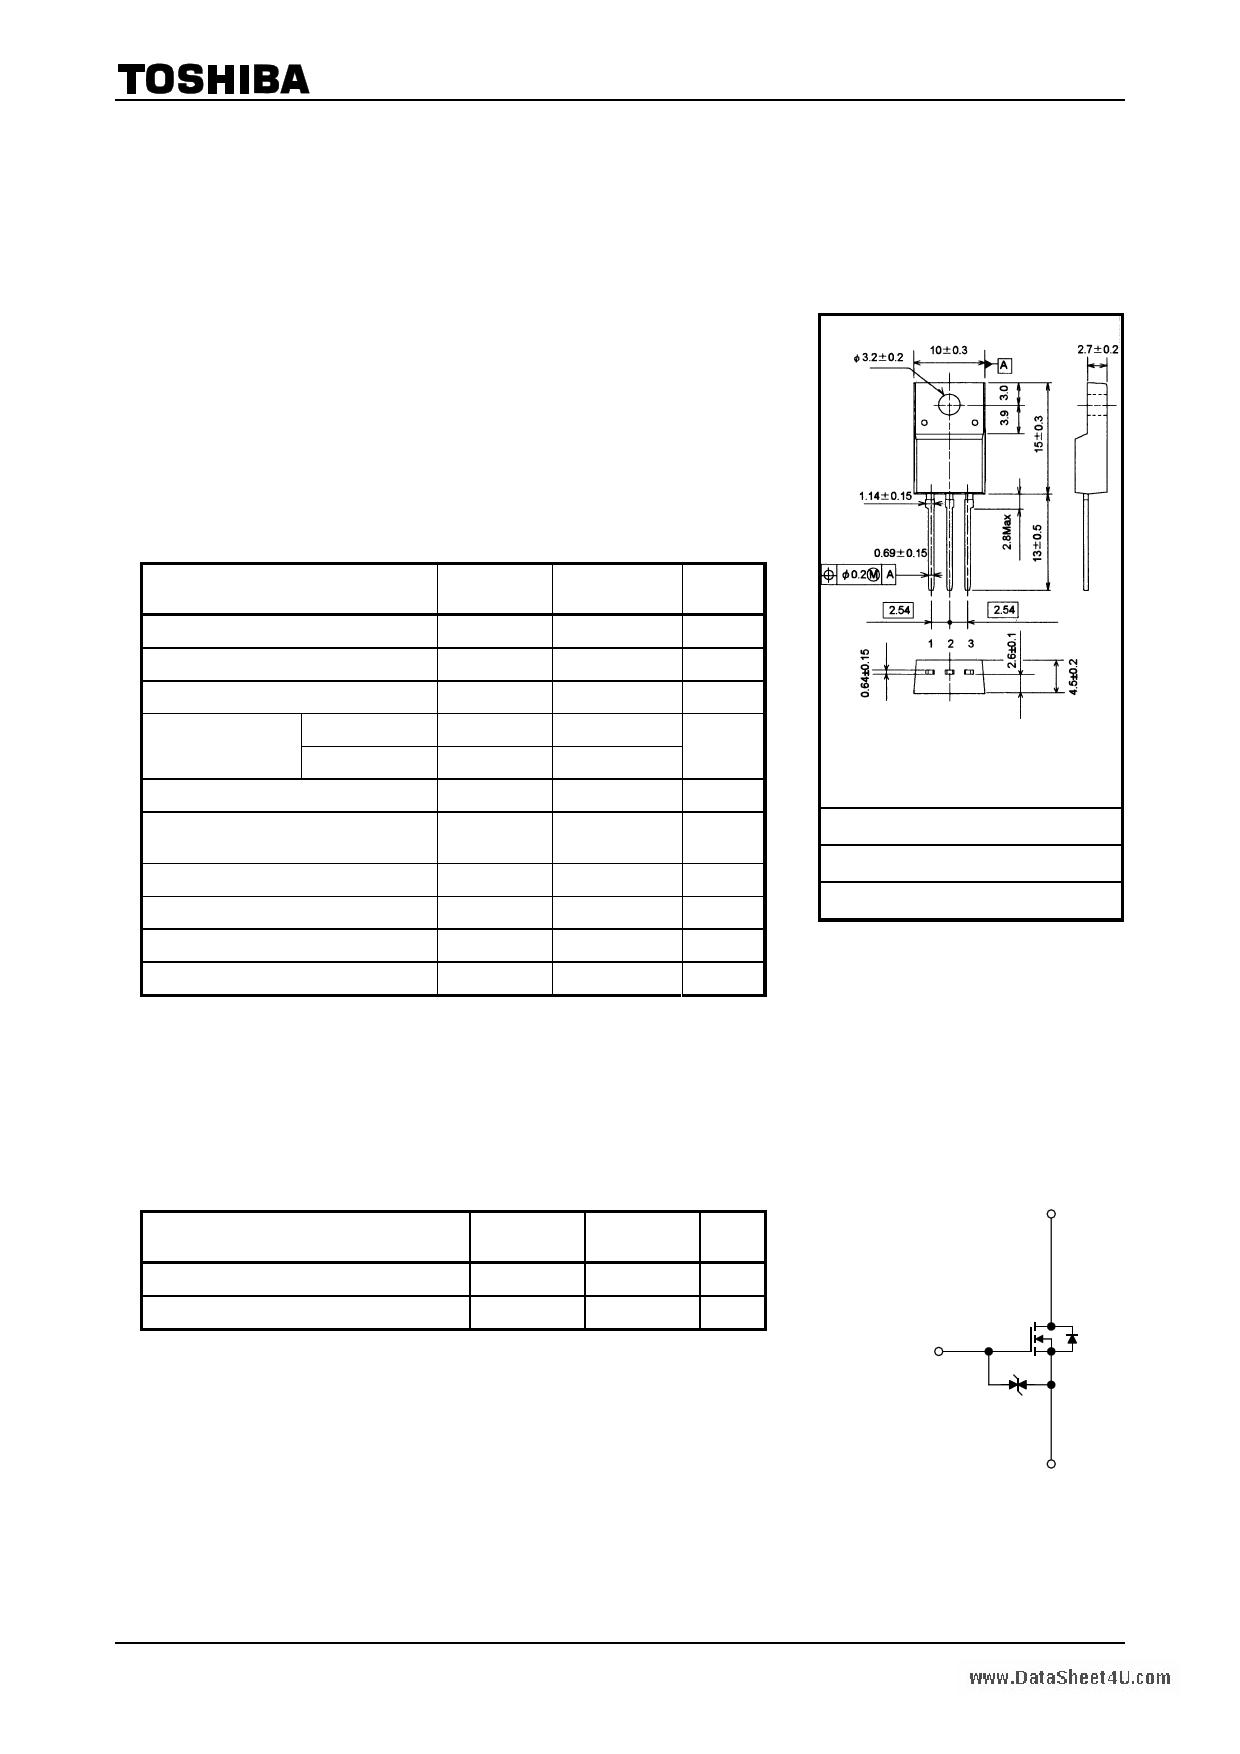 K4013 datasheet image